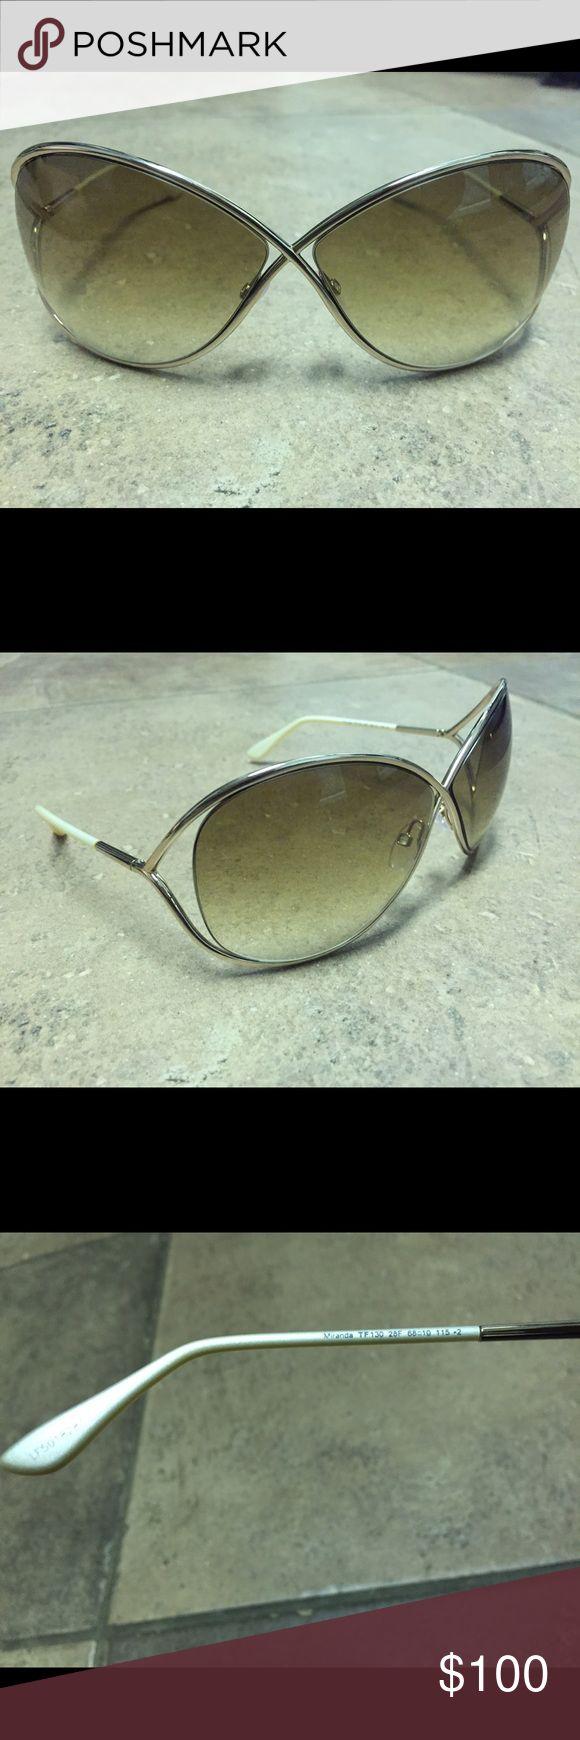 Tom Ford Miranda Sunglasses Gold Tom Ford sunglasses Miranda. Great condition. Super stylish. Tom Ford Accessories Sunglasses